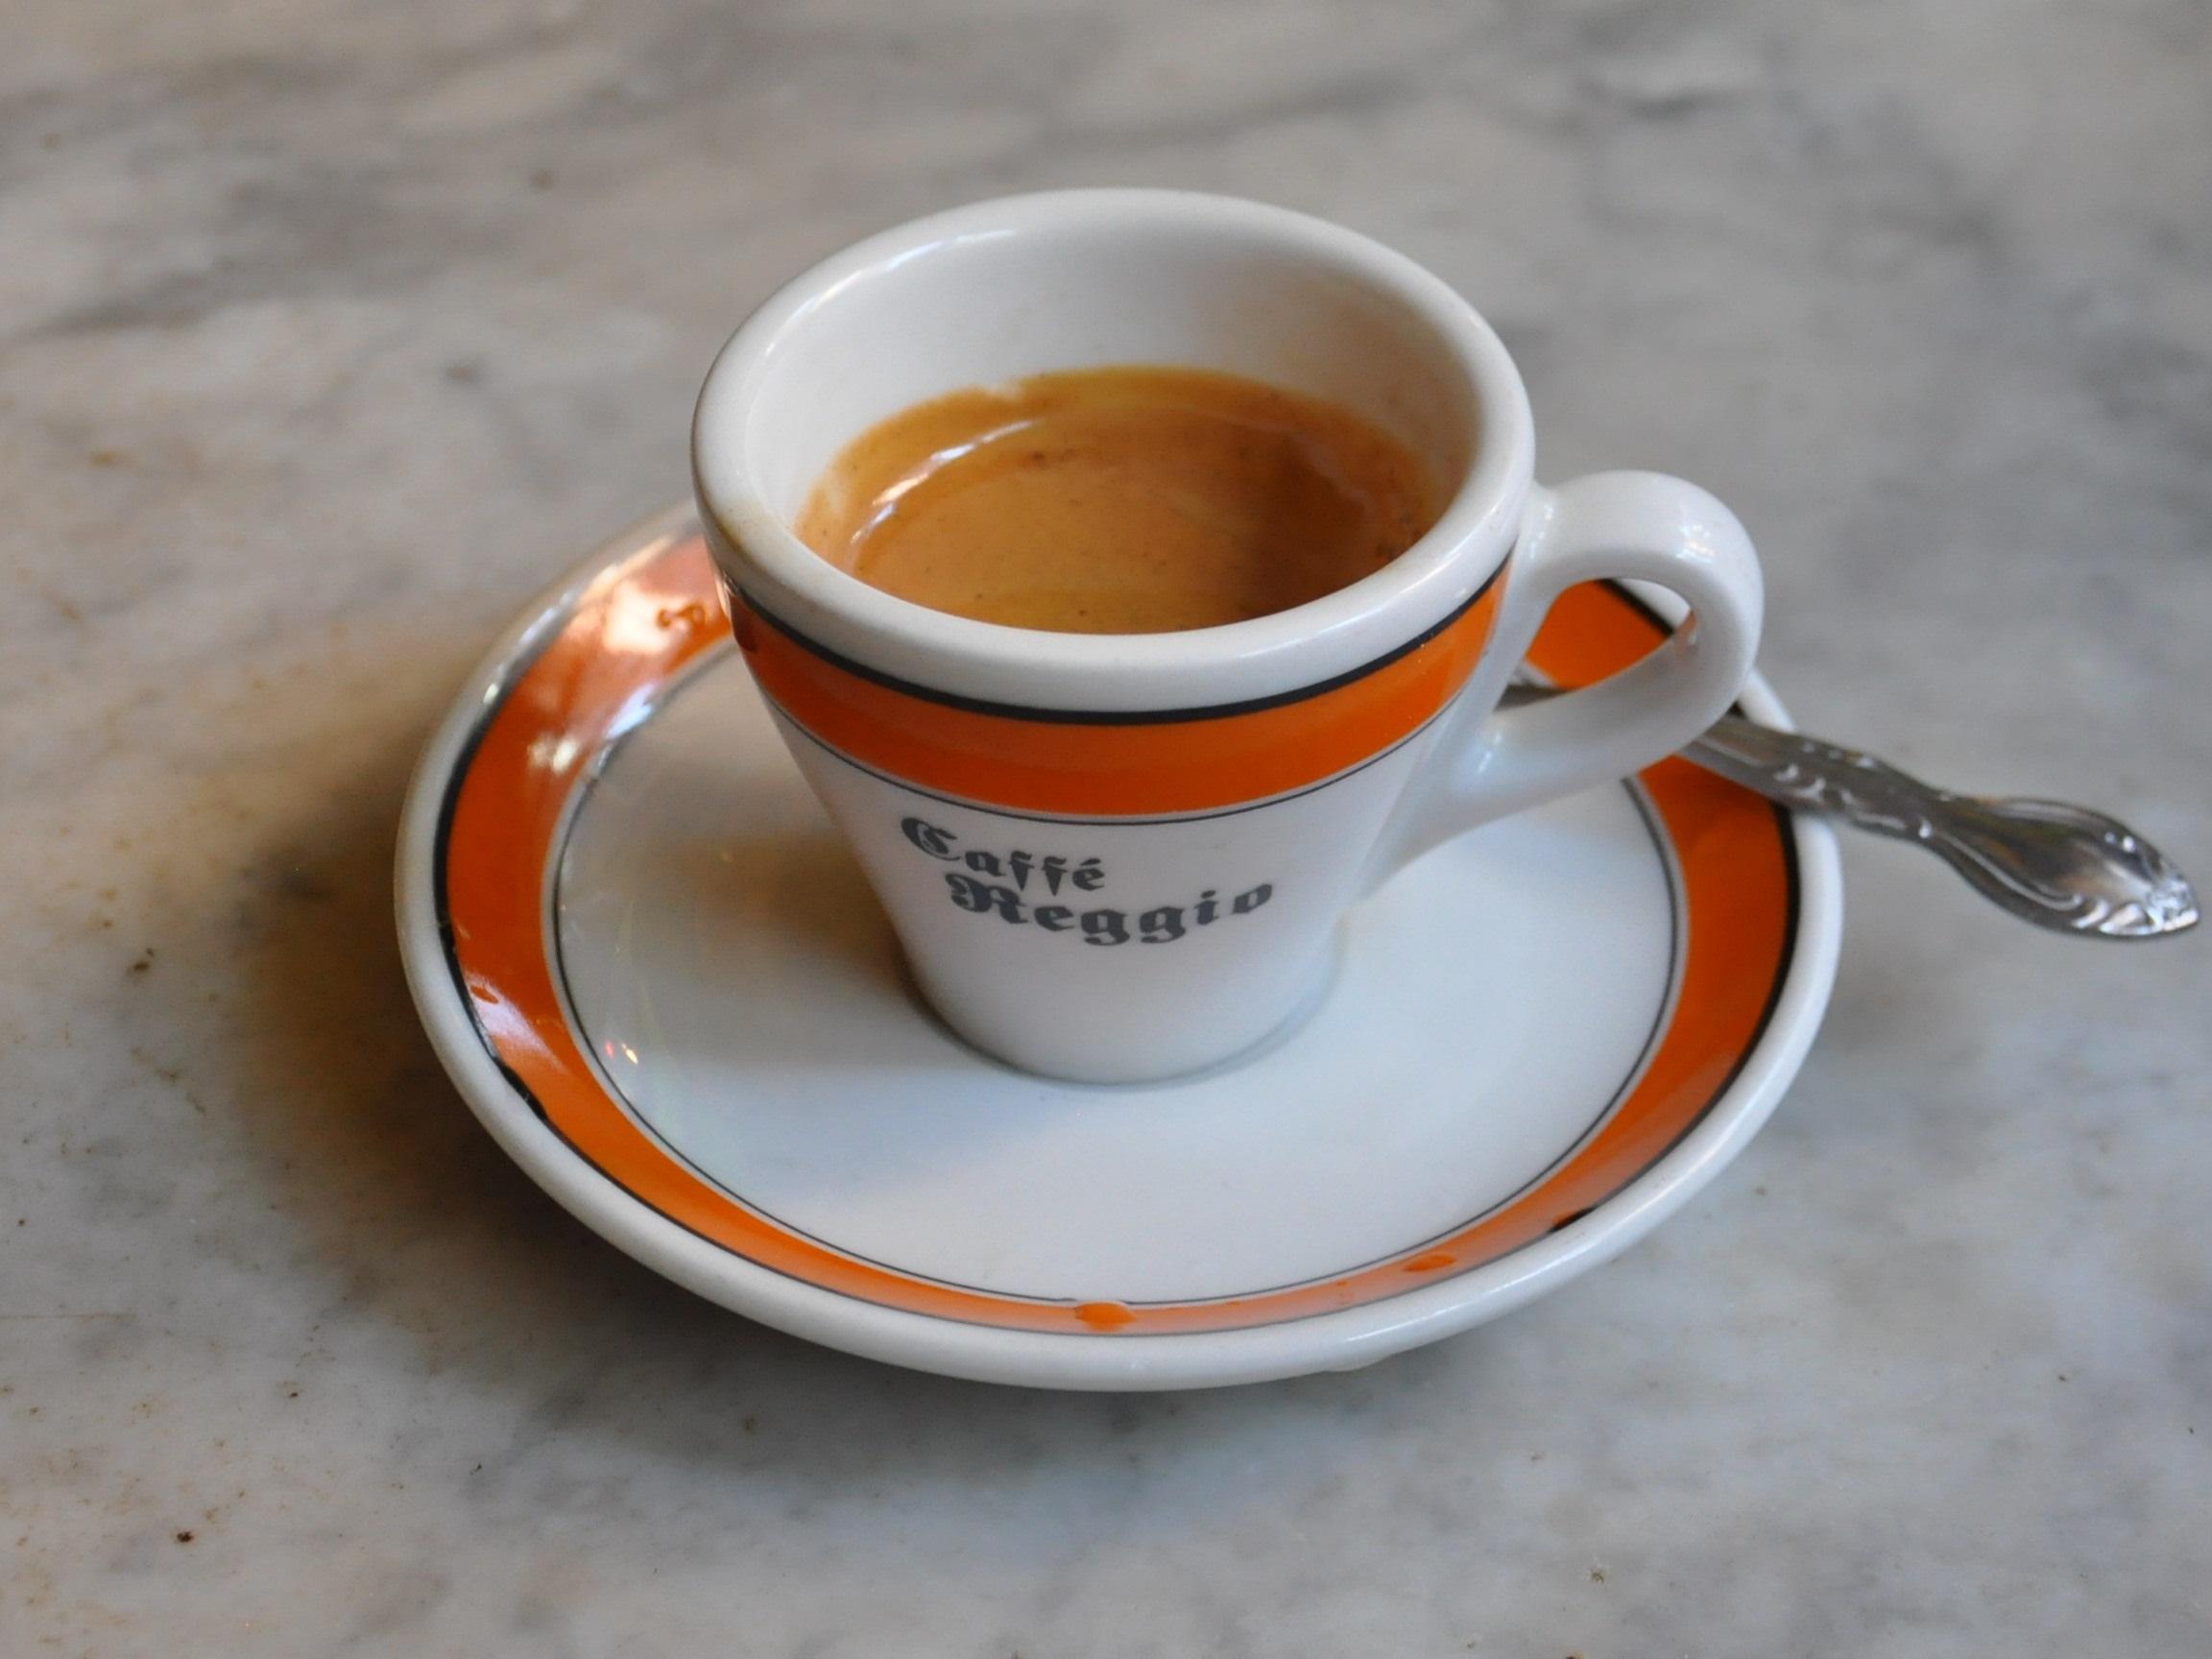 An espresso in a Caffe Reggio espresso cup.